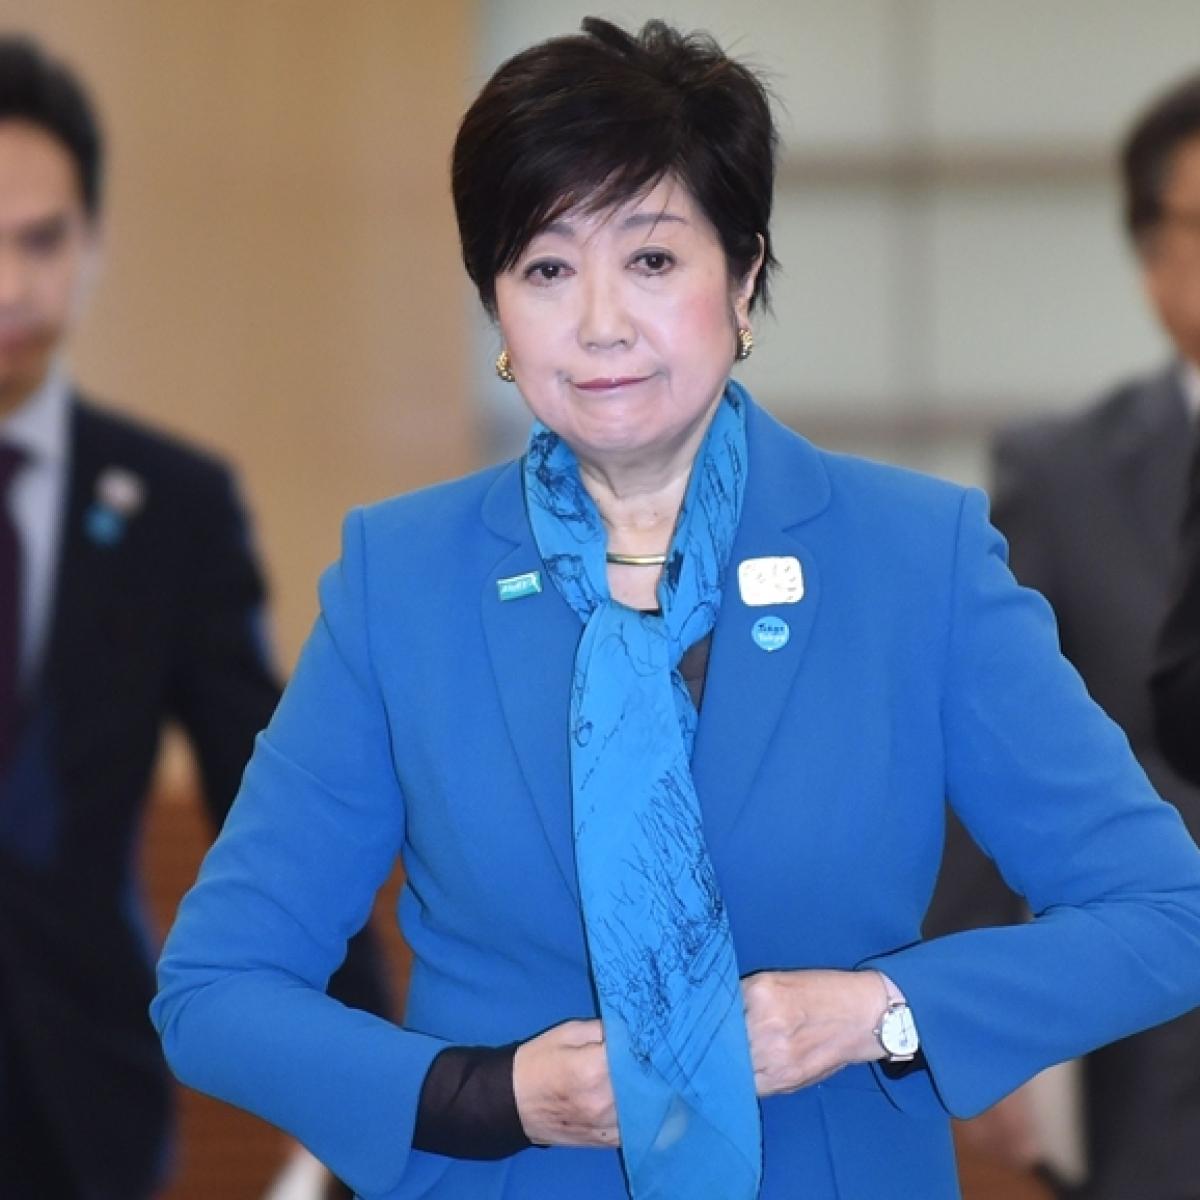 Coronavirus update: No change in plans for 2020 Olympics, says Tokyo Governor Yuriko Koike